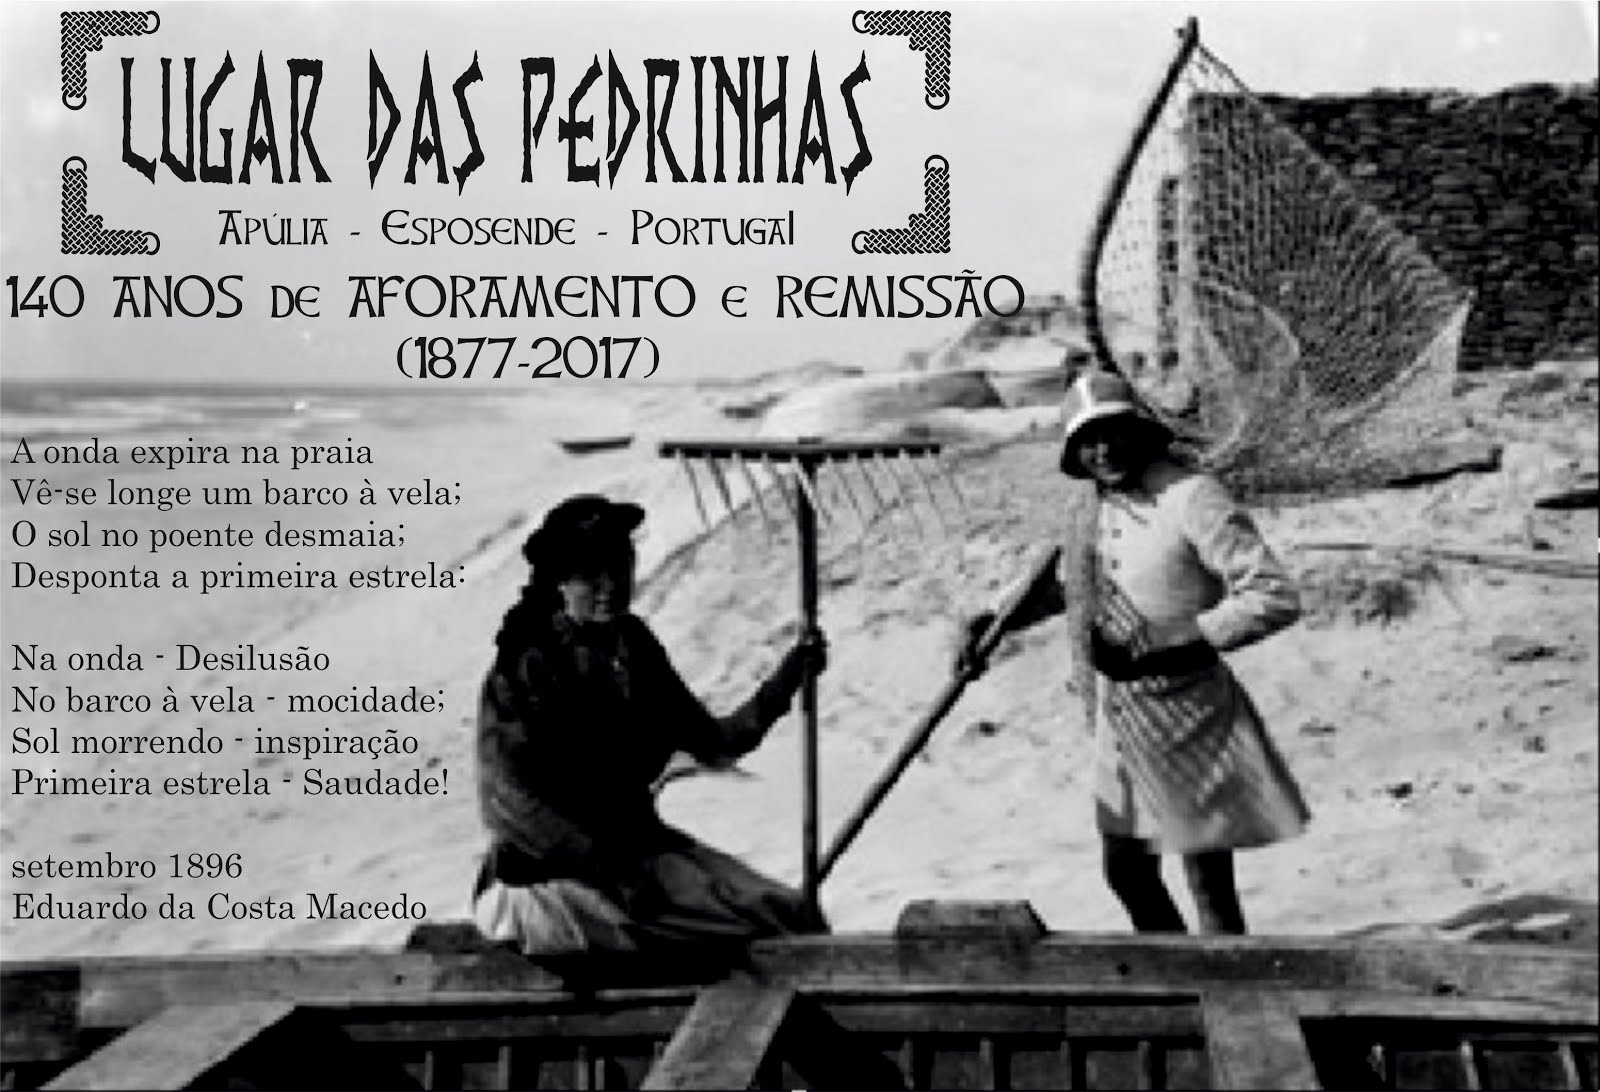 LUGAR DE PEDRINHAS -  140 AFORAMENTO